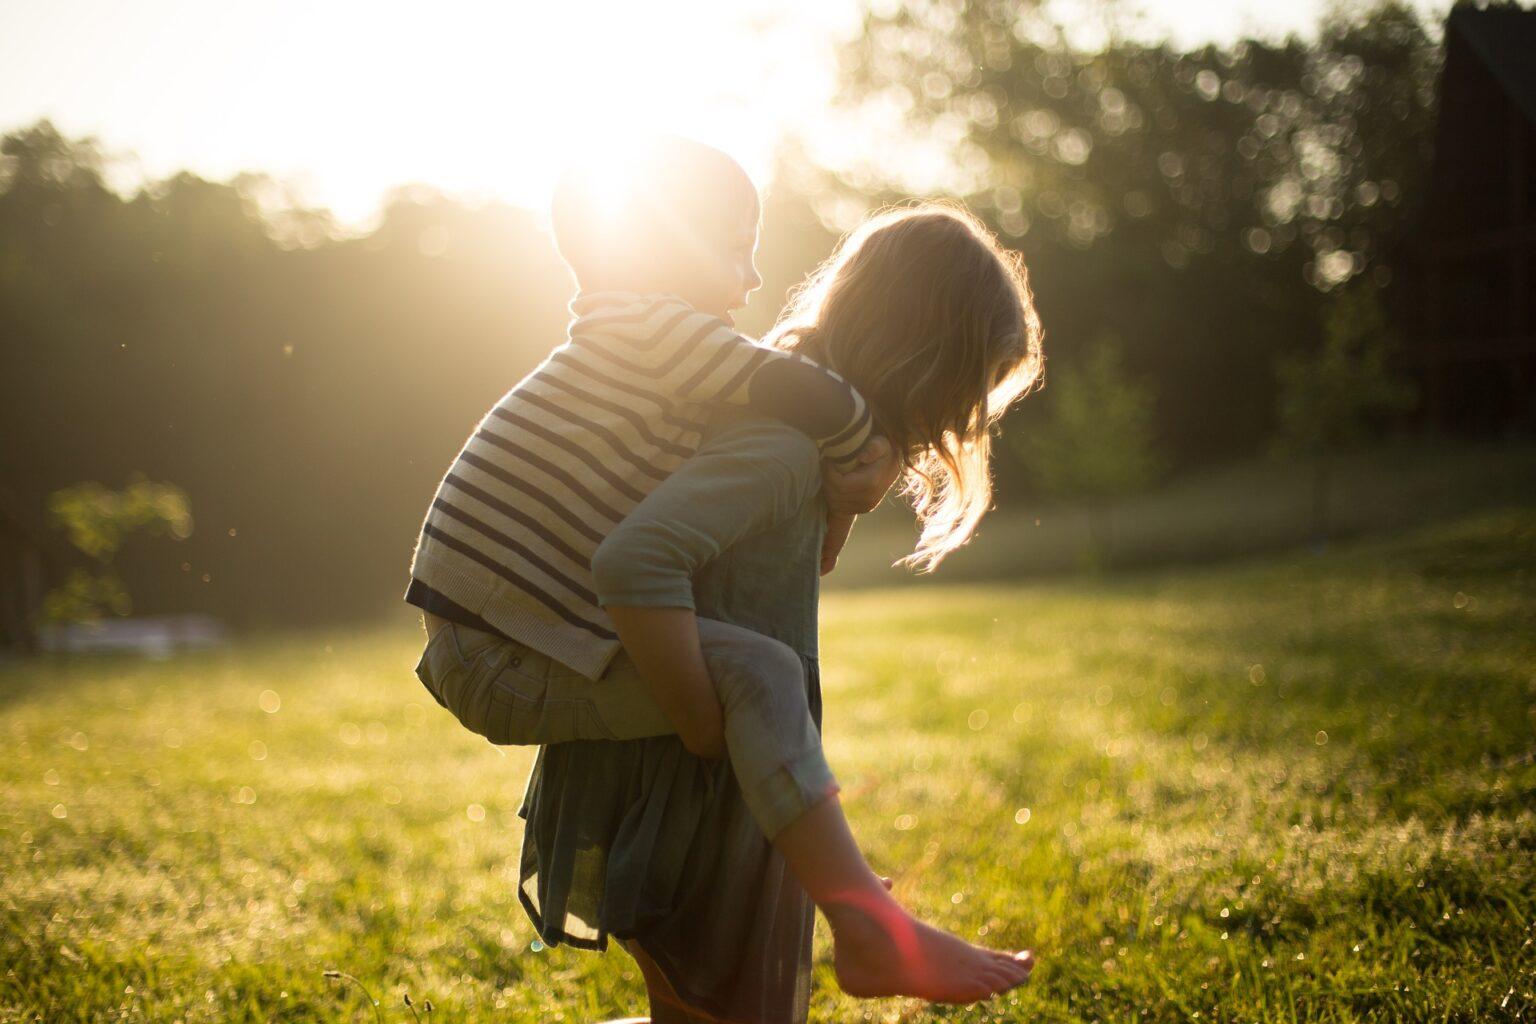 La riabilitazione del bambino con paralisi cerebrale